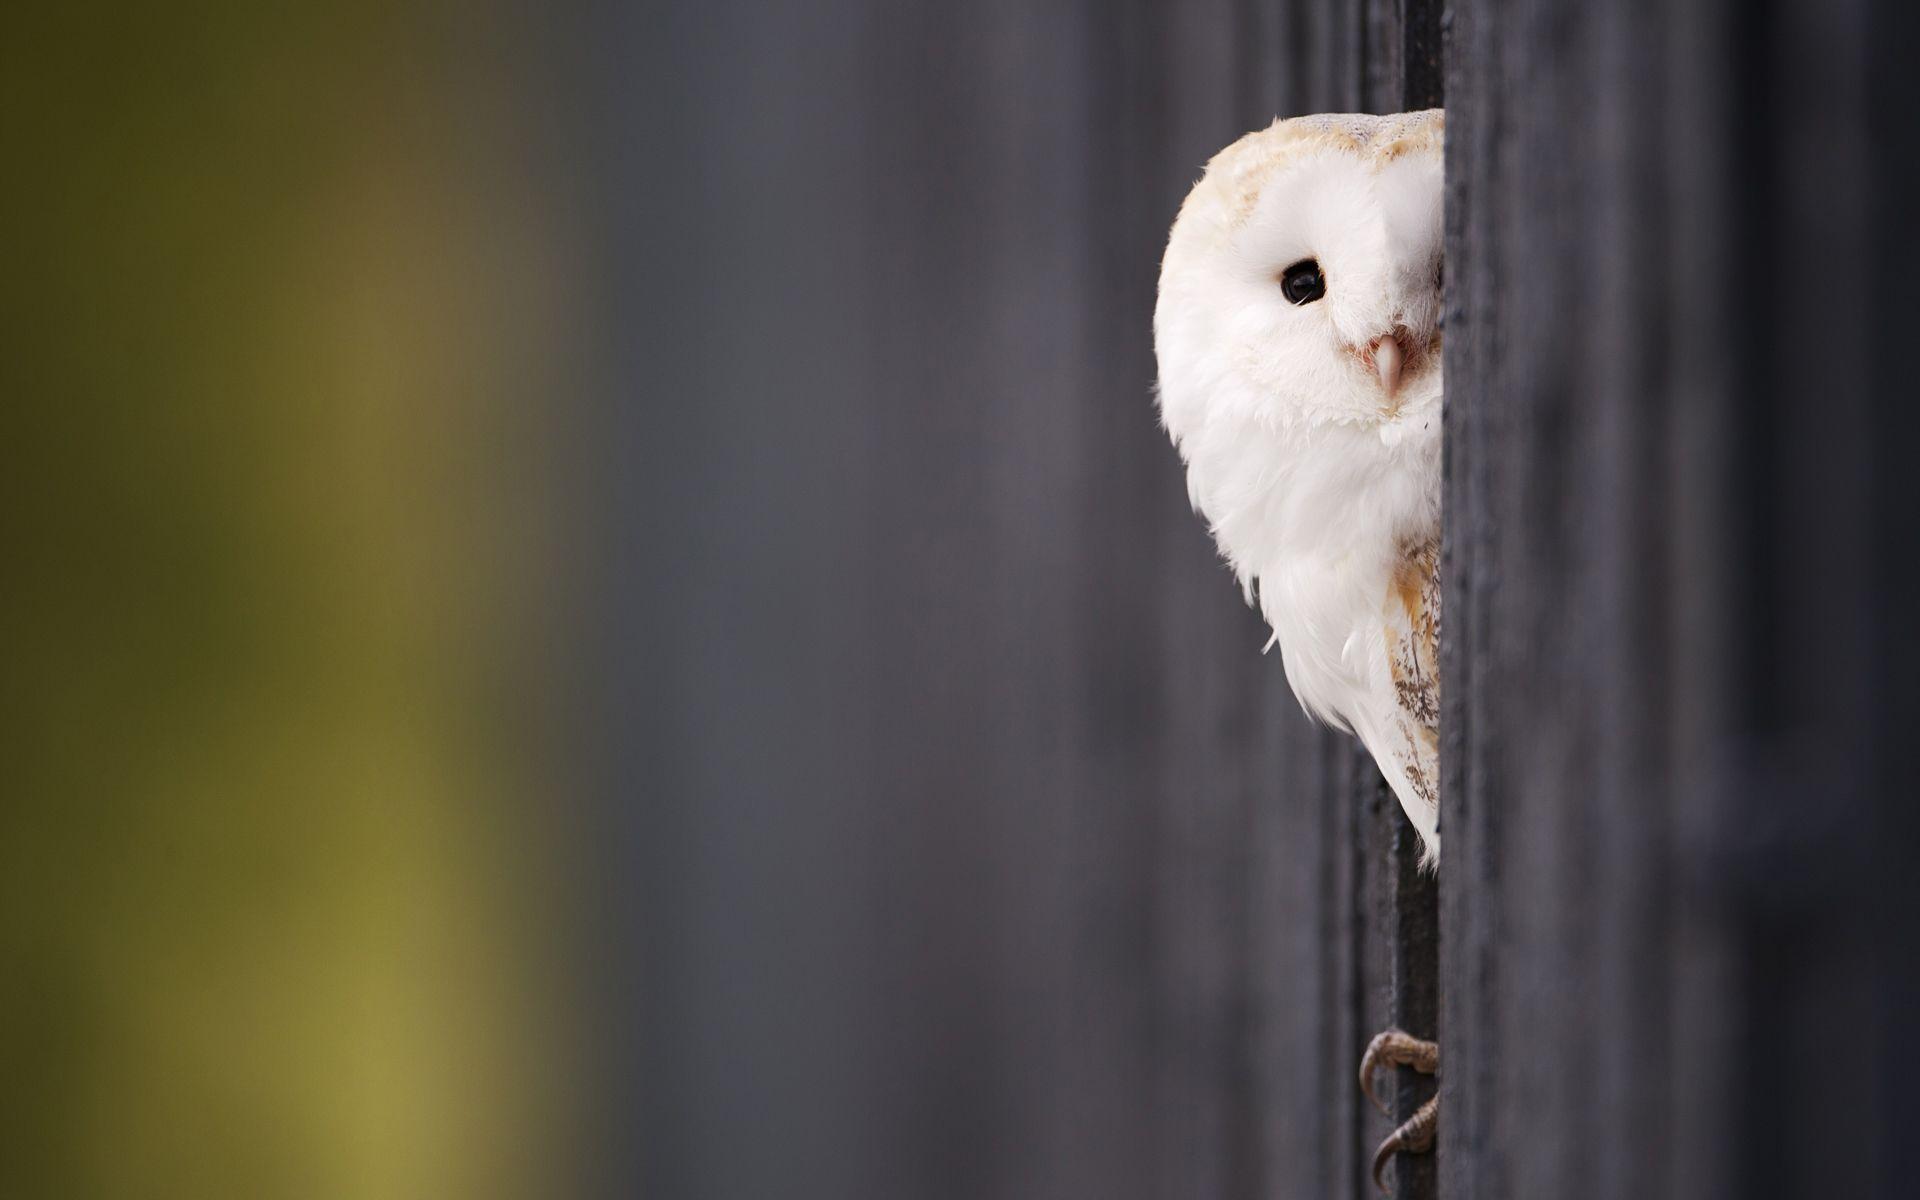 Res: 1920x1200, Cute Owl Wallpaper 15779  px